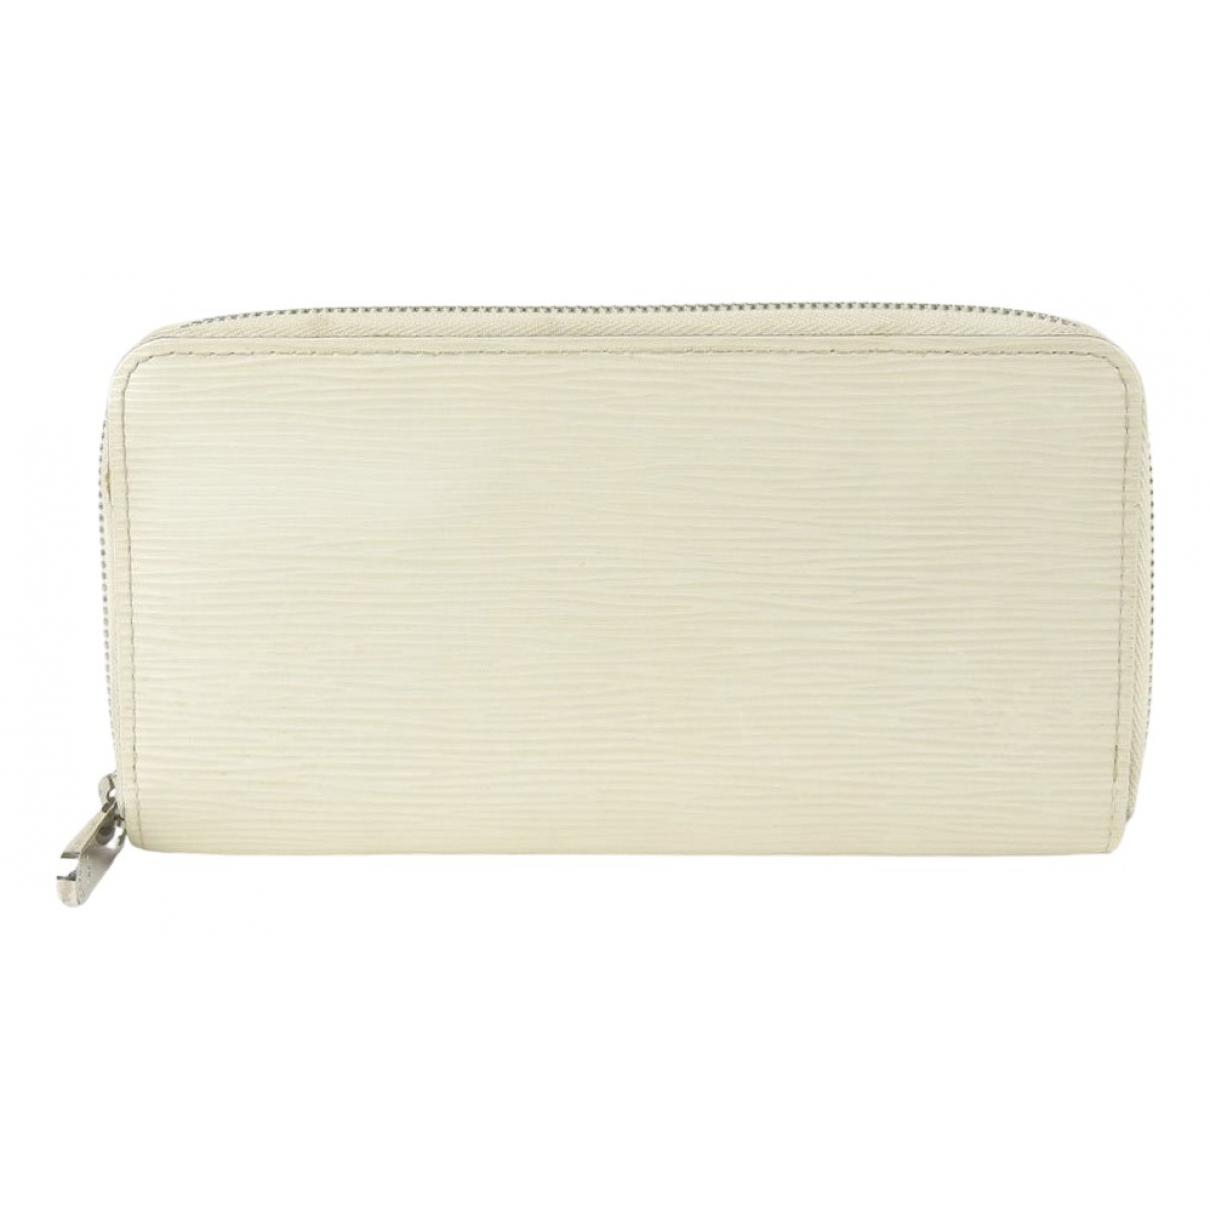 Louis Vuitton - Portefeuille Zippy pour femme en cuir - ecru